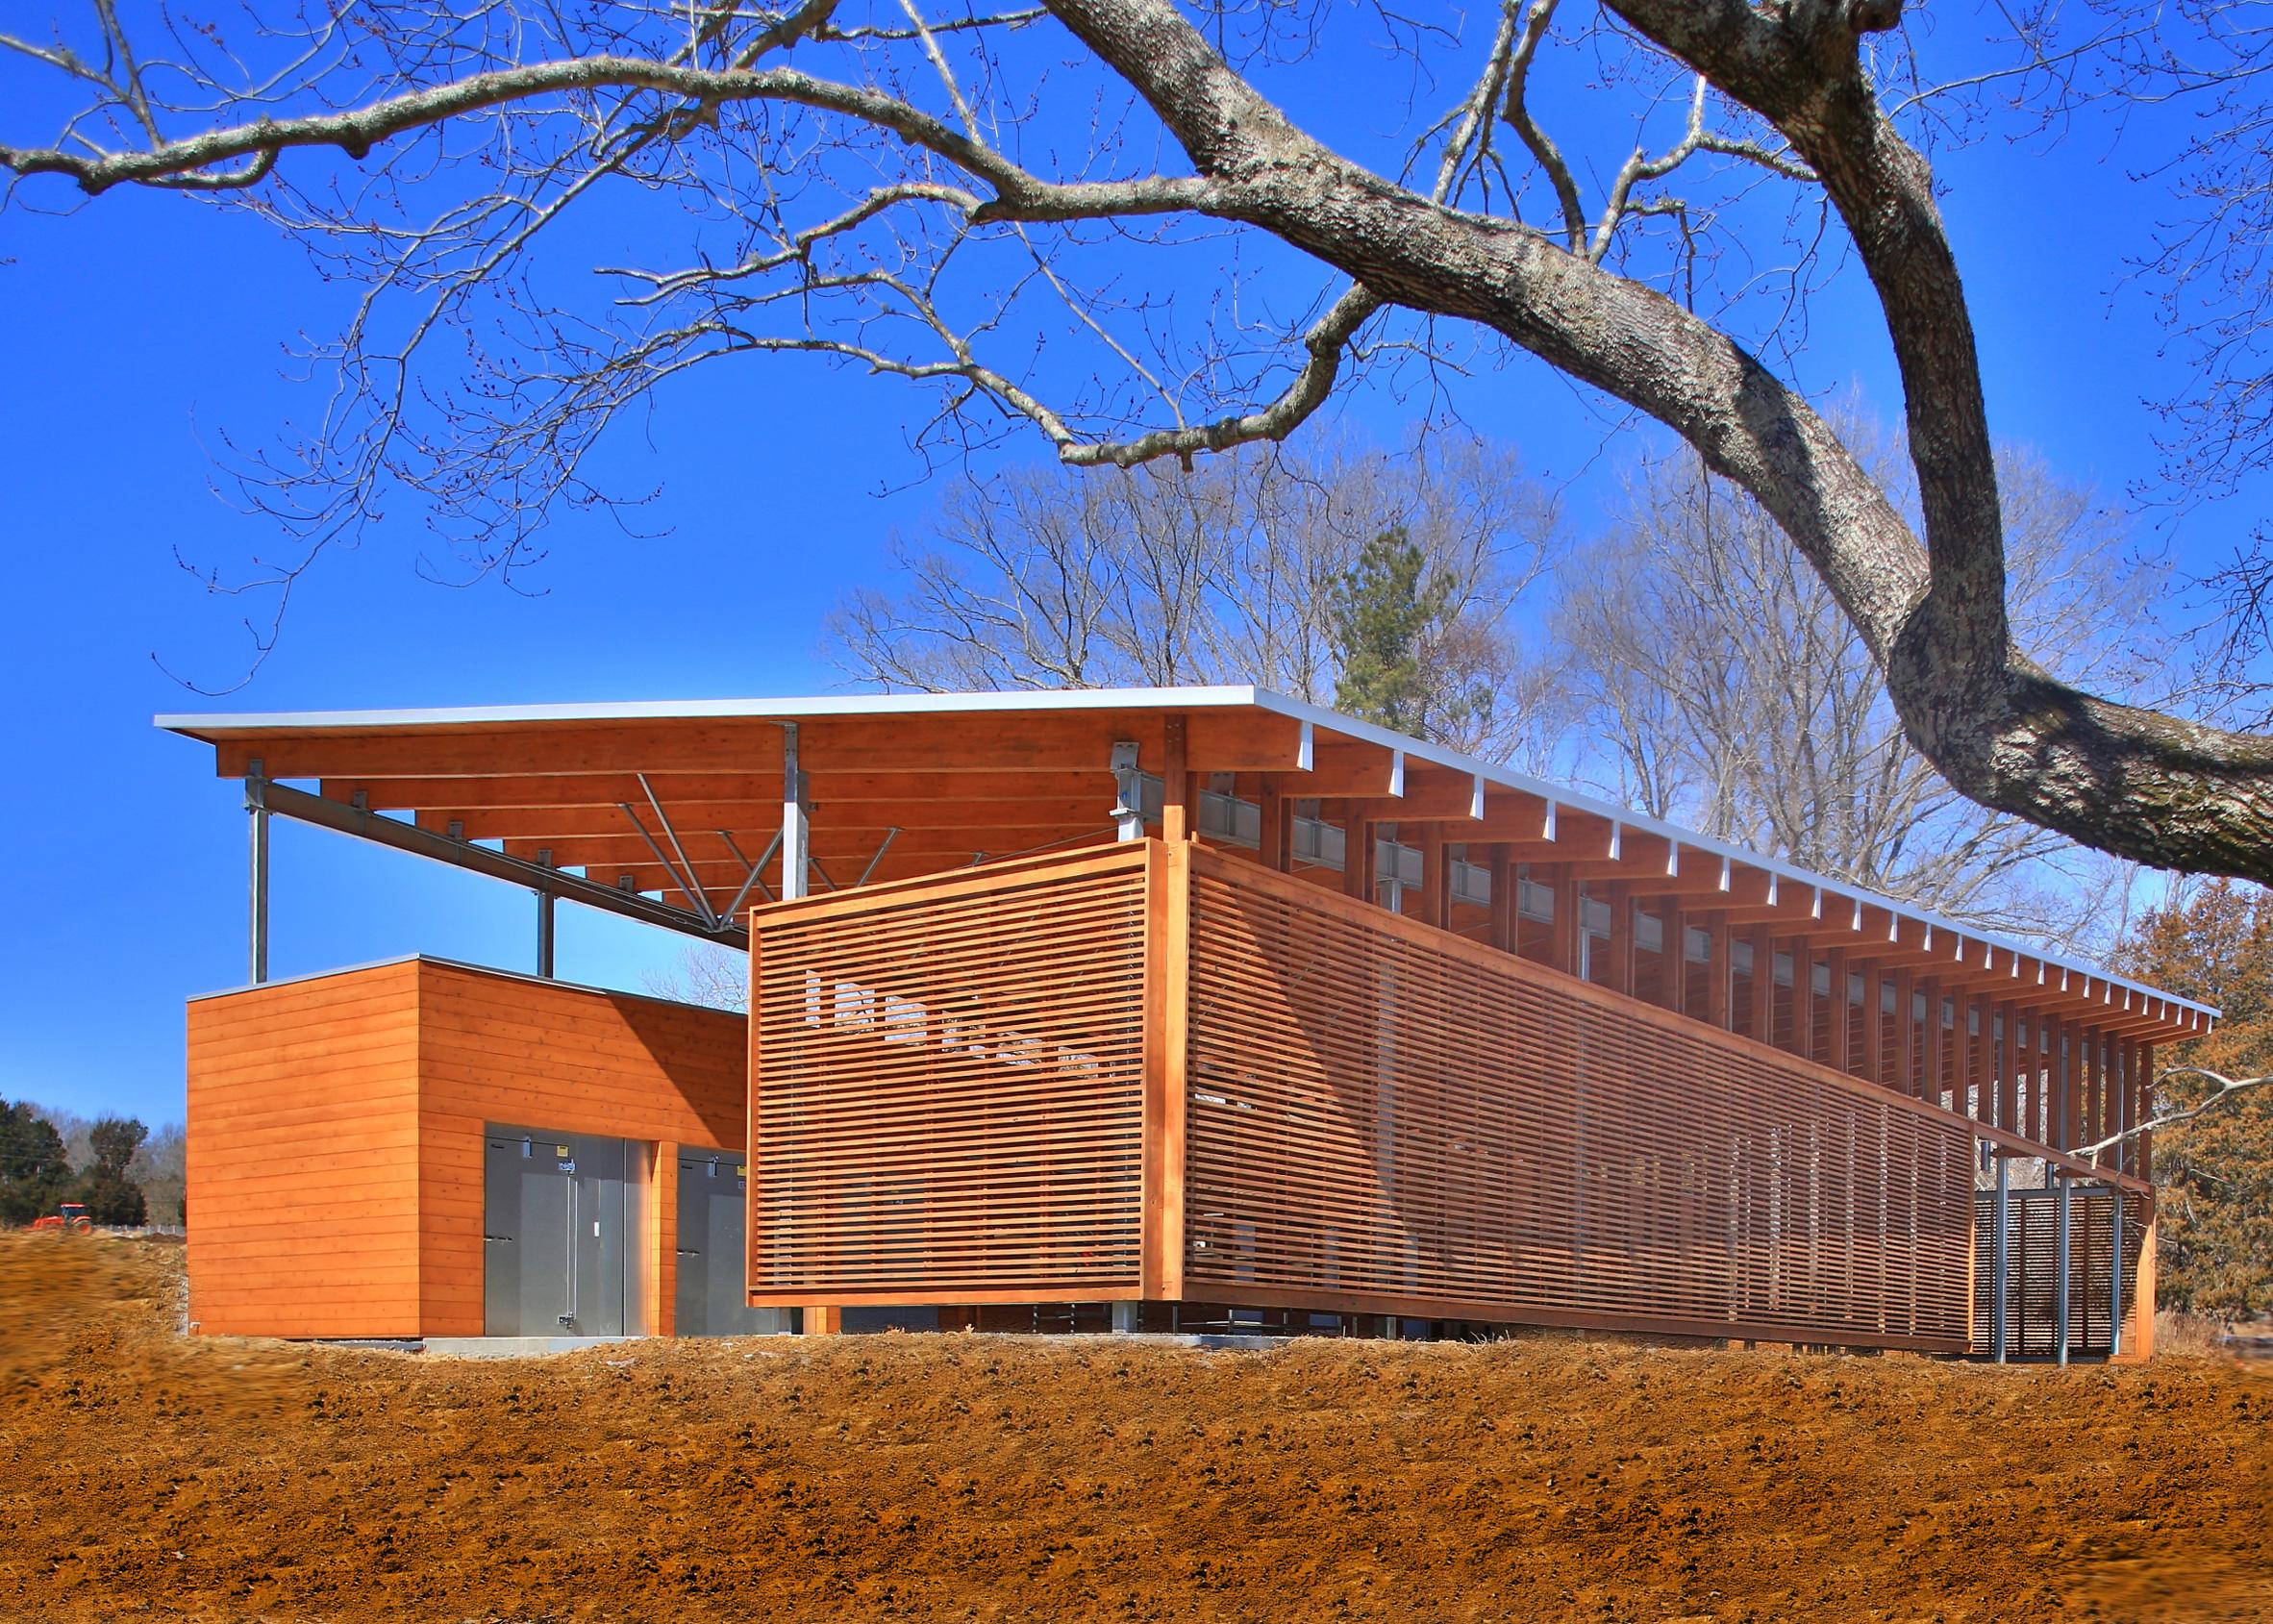 Funny Girl Farm Produce Barn, Durham, North Carolina, by Szostak Design